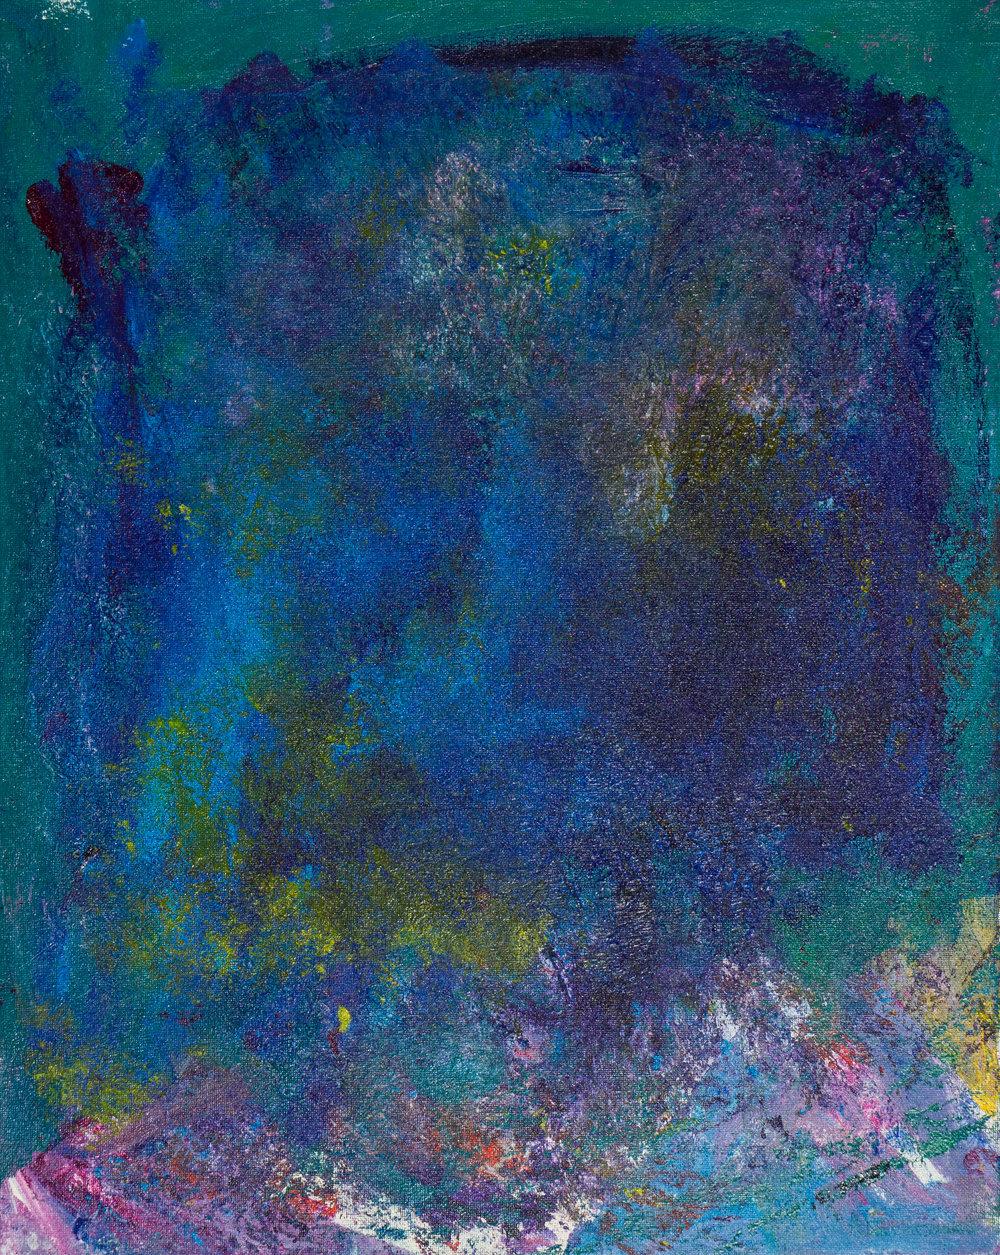 seafoam, acrylic paint, 16x20 in. (2014)